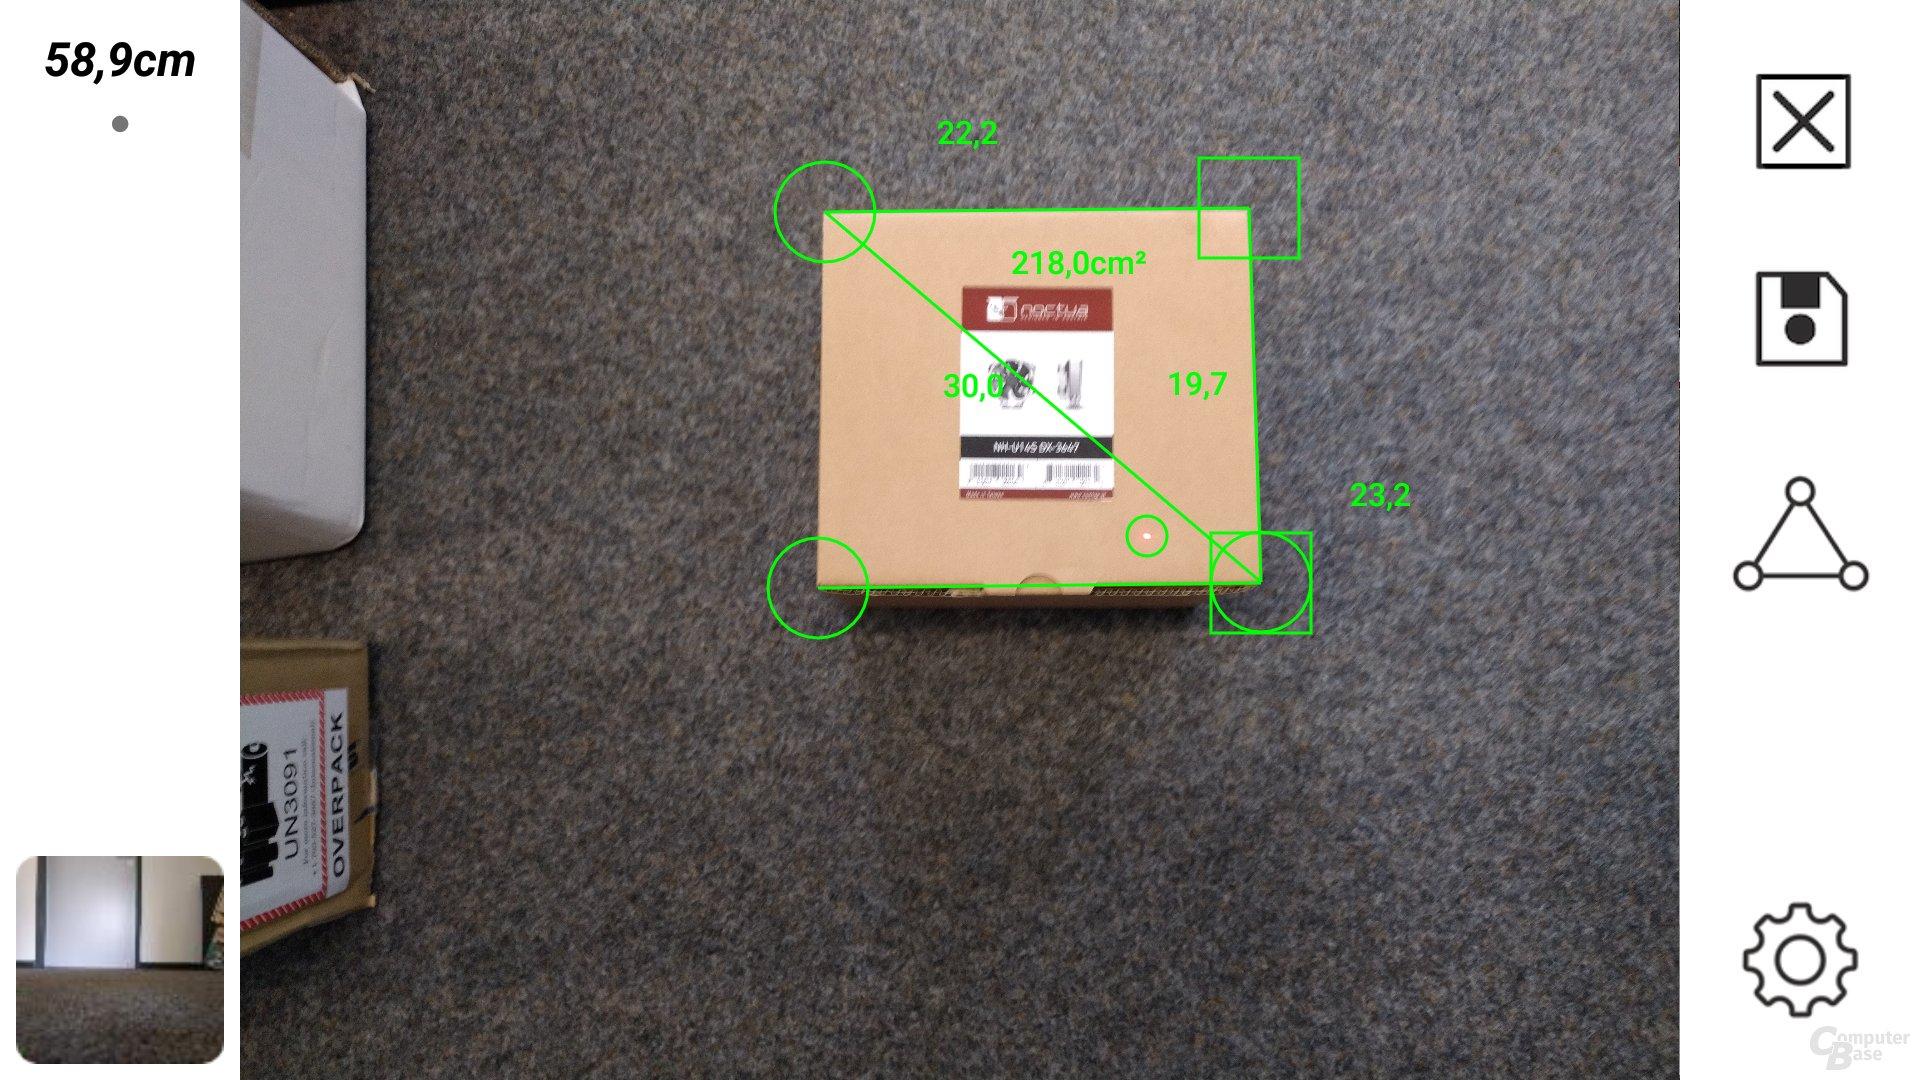 Iphone Entfernungsmesser Nikon : Bilder cat s61 im test: dieses smartphone misst bis 400 °c längen